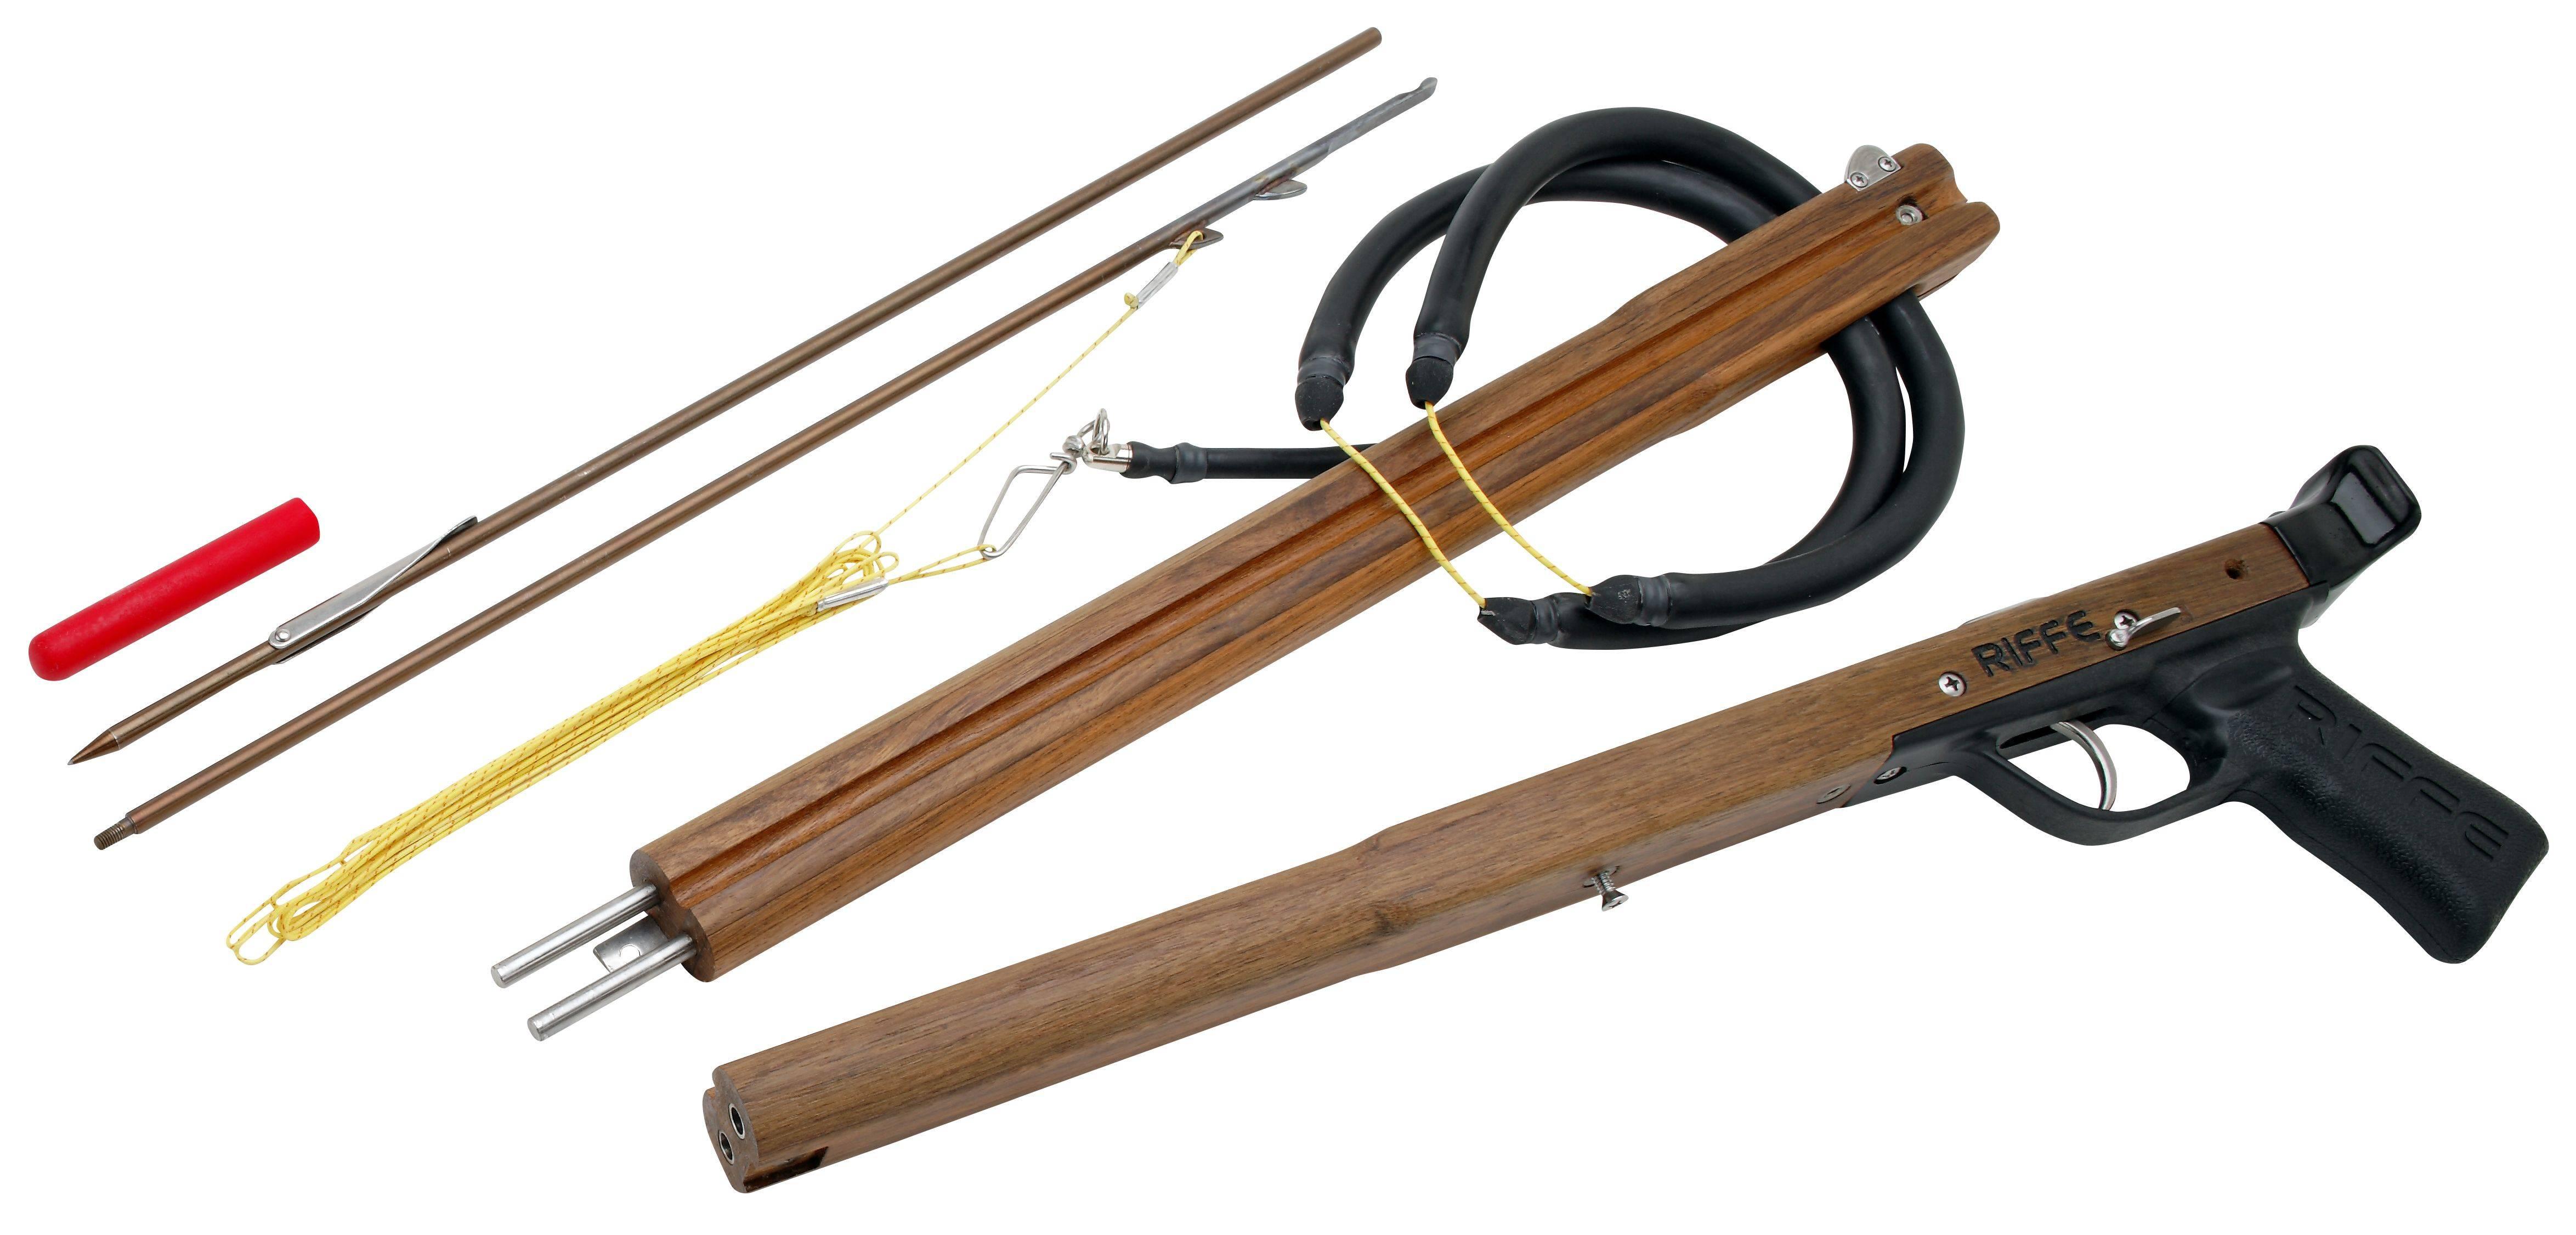 Сделать гарпун для подводной охоты. как сделать ружье для подводной охоты своими руками. гарпуны – древние китобойные орудия